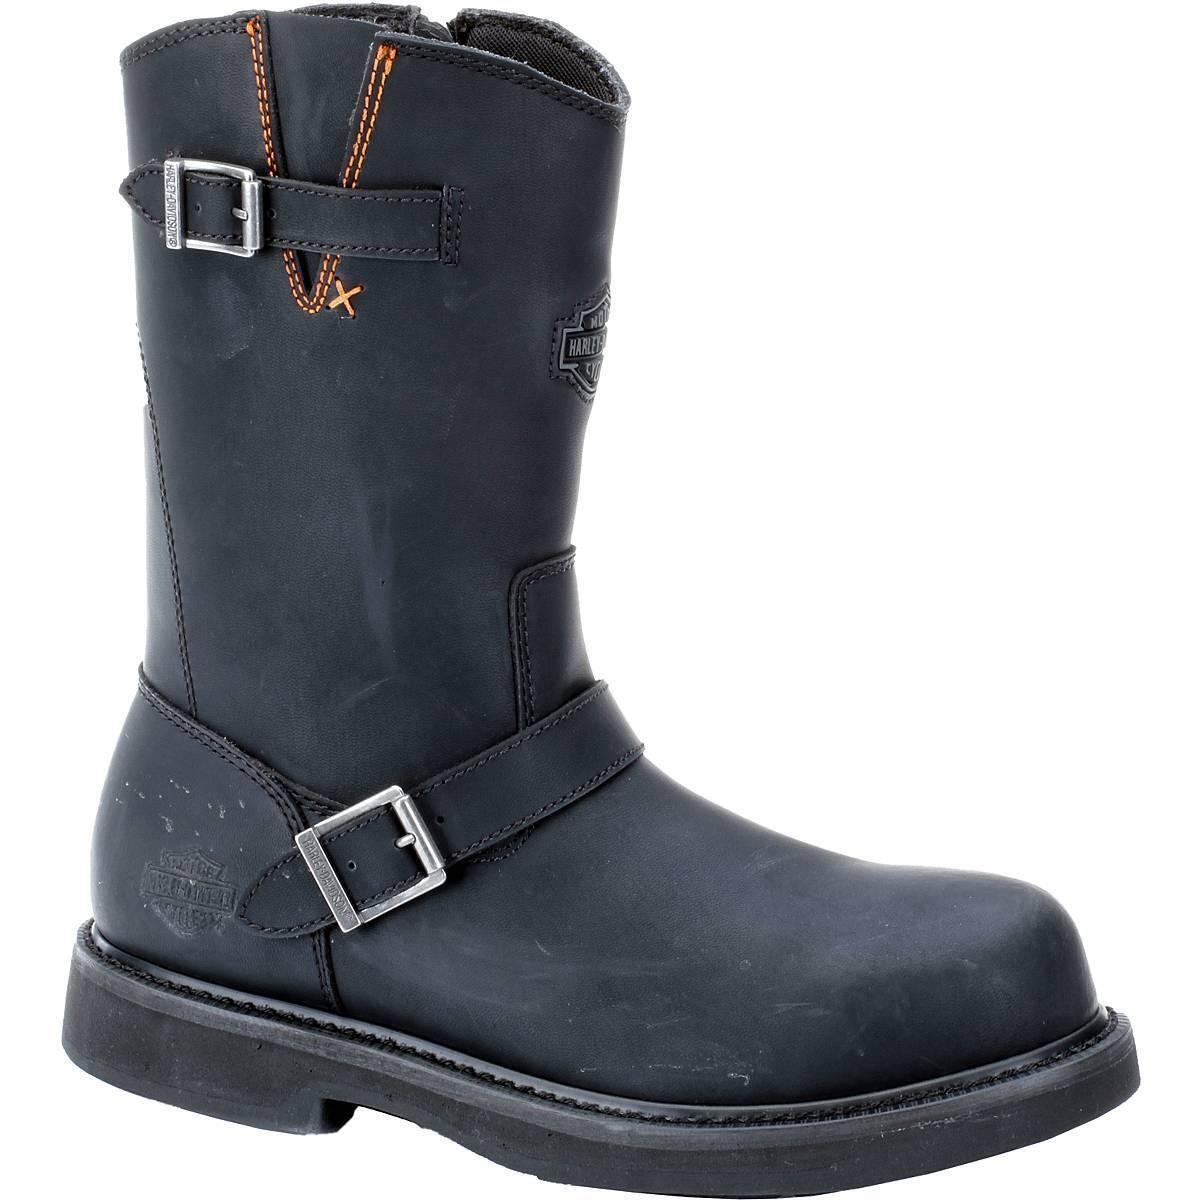 Harley-Davidson Men's JASON STEEL TOE Leather Black Boots D93120